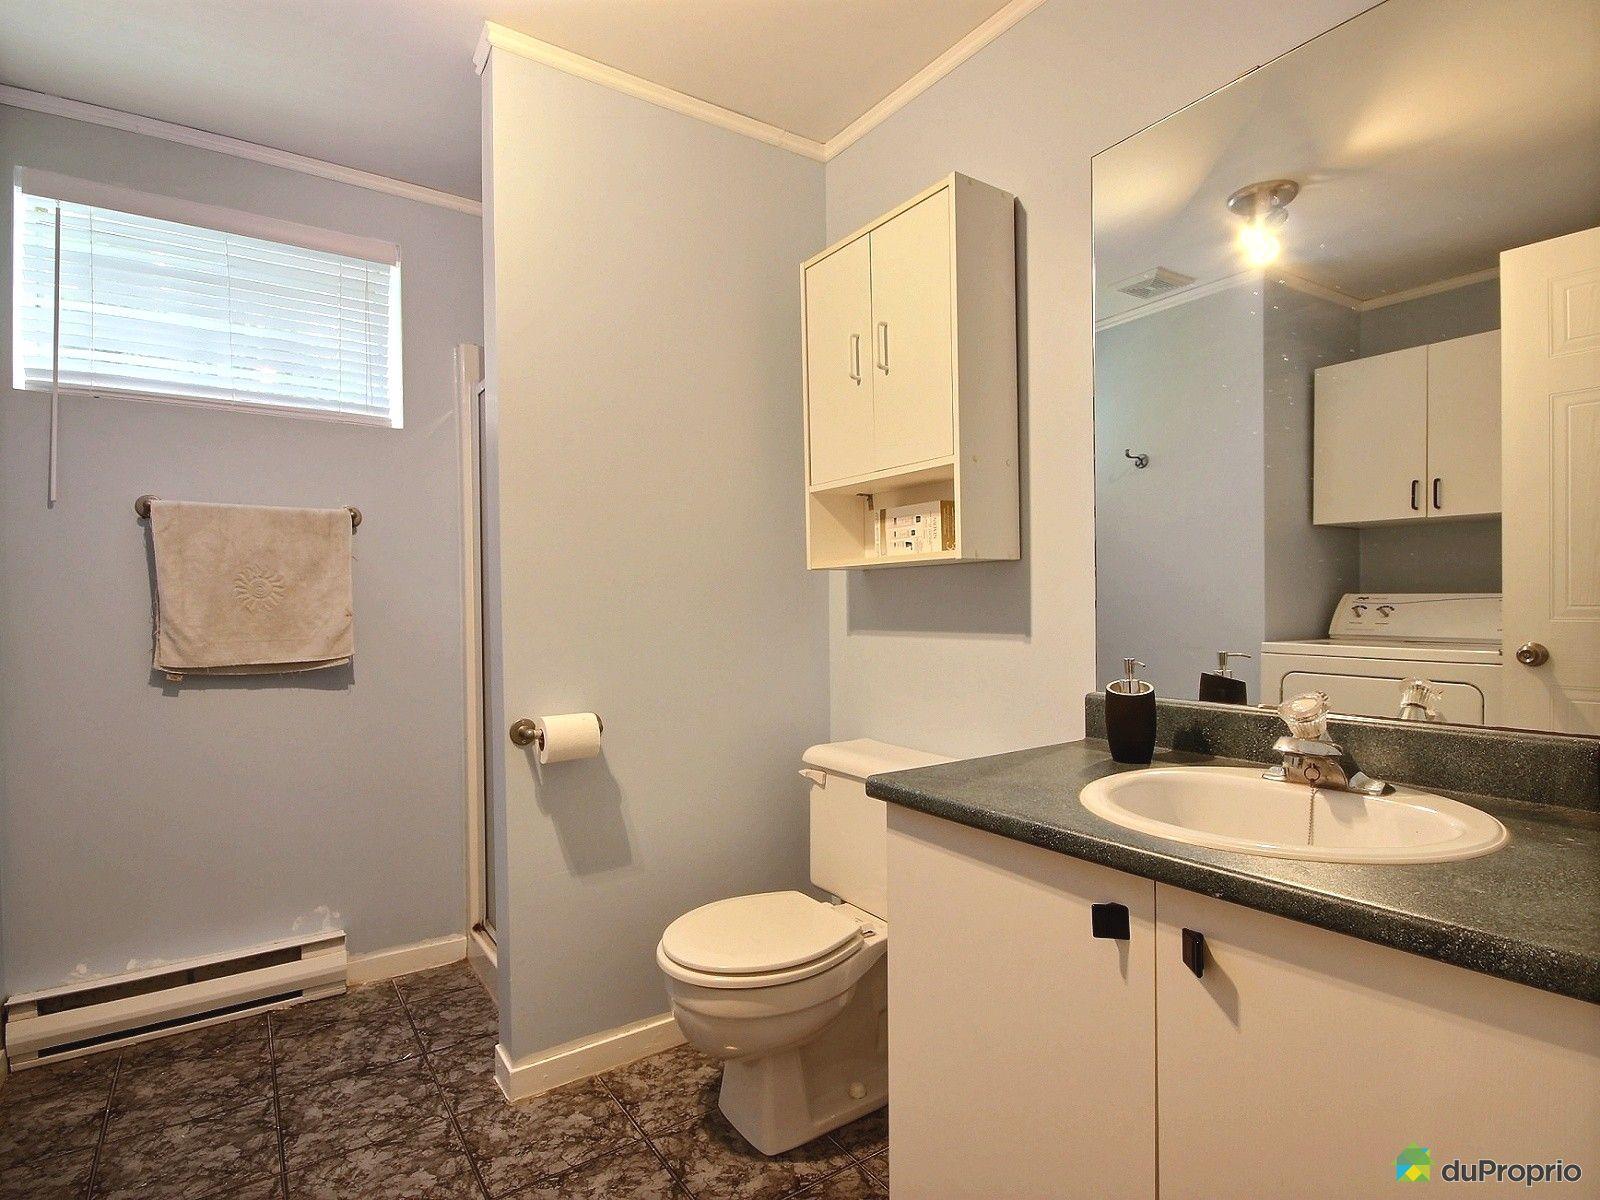 Maison vendre st alexandre d 39 iberville 1368 rue saint for Plancher salle de bain sous sol